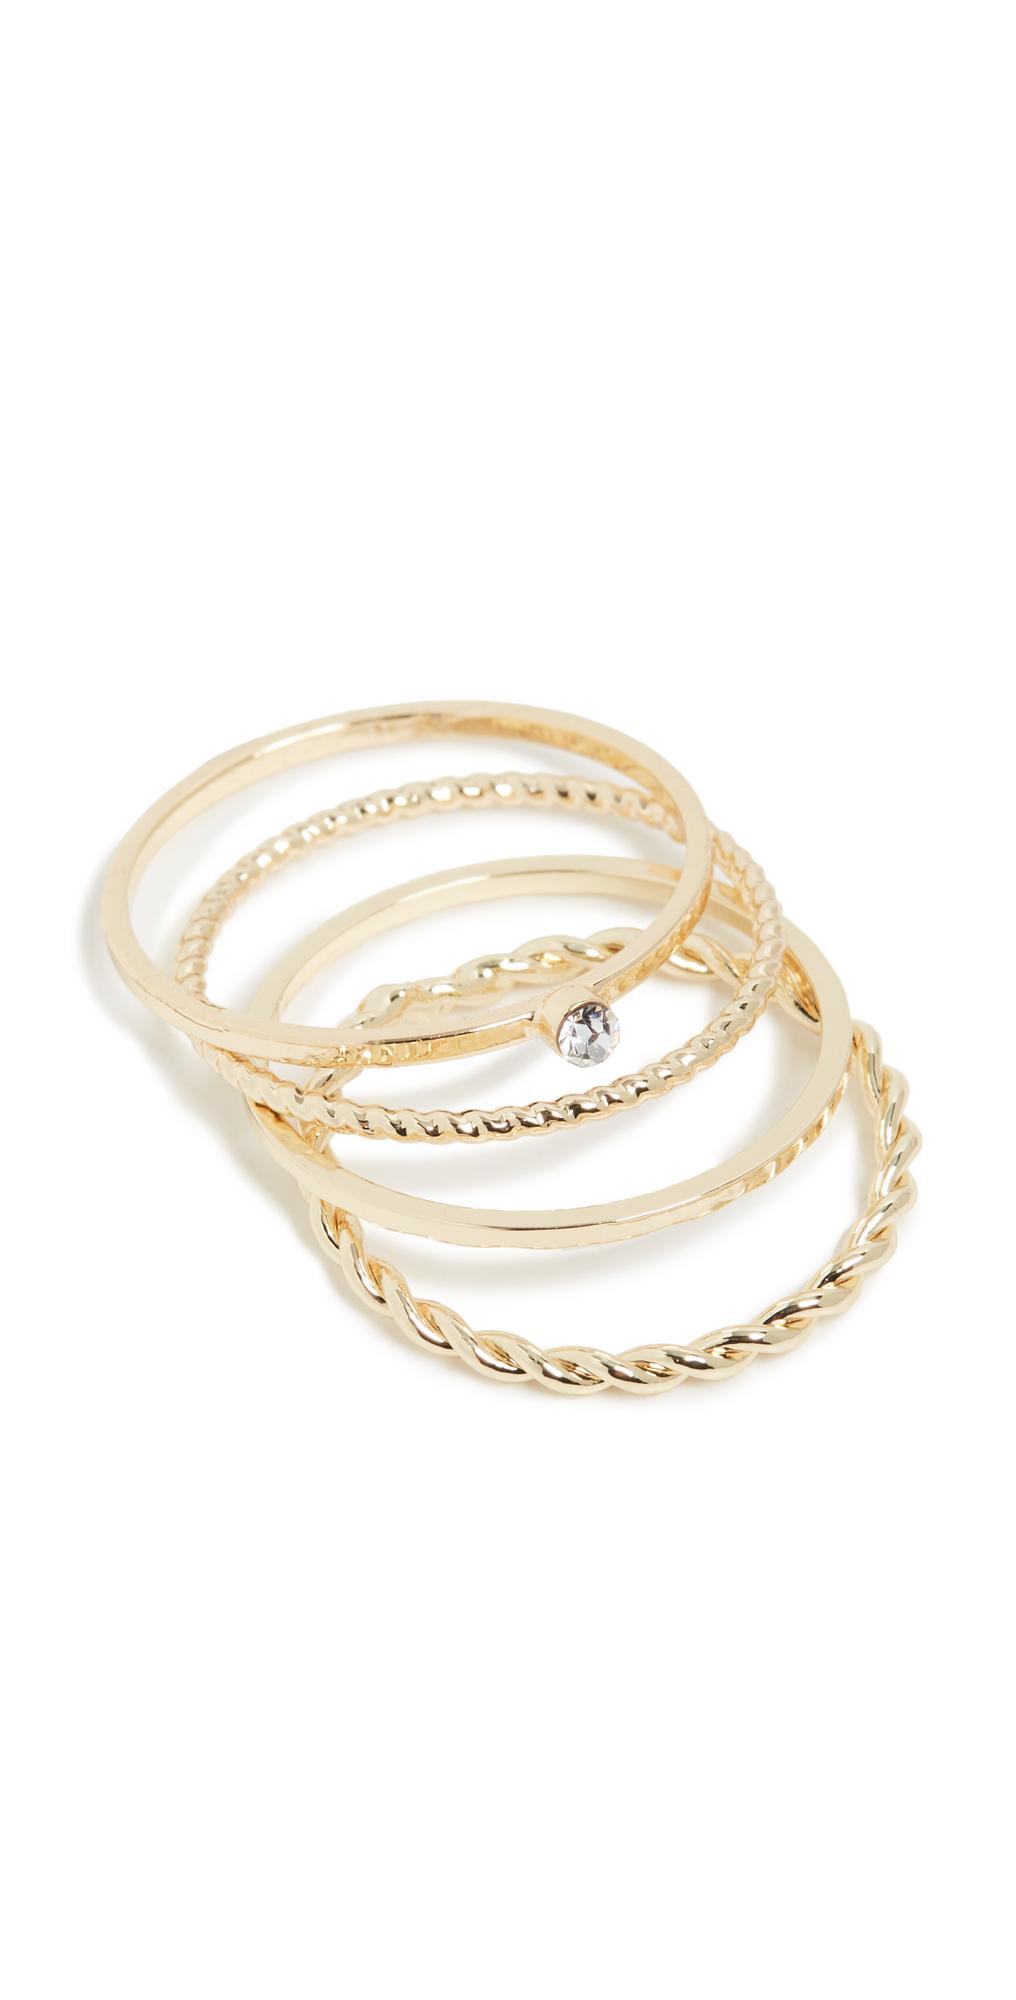 Layered Dainty Crystal Ring Set